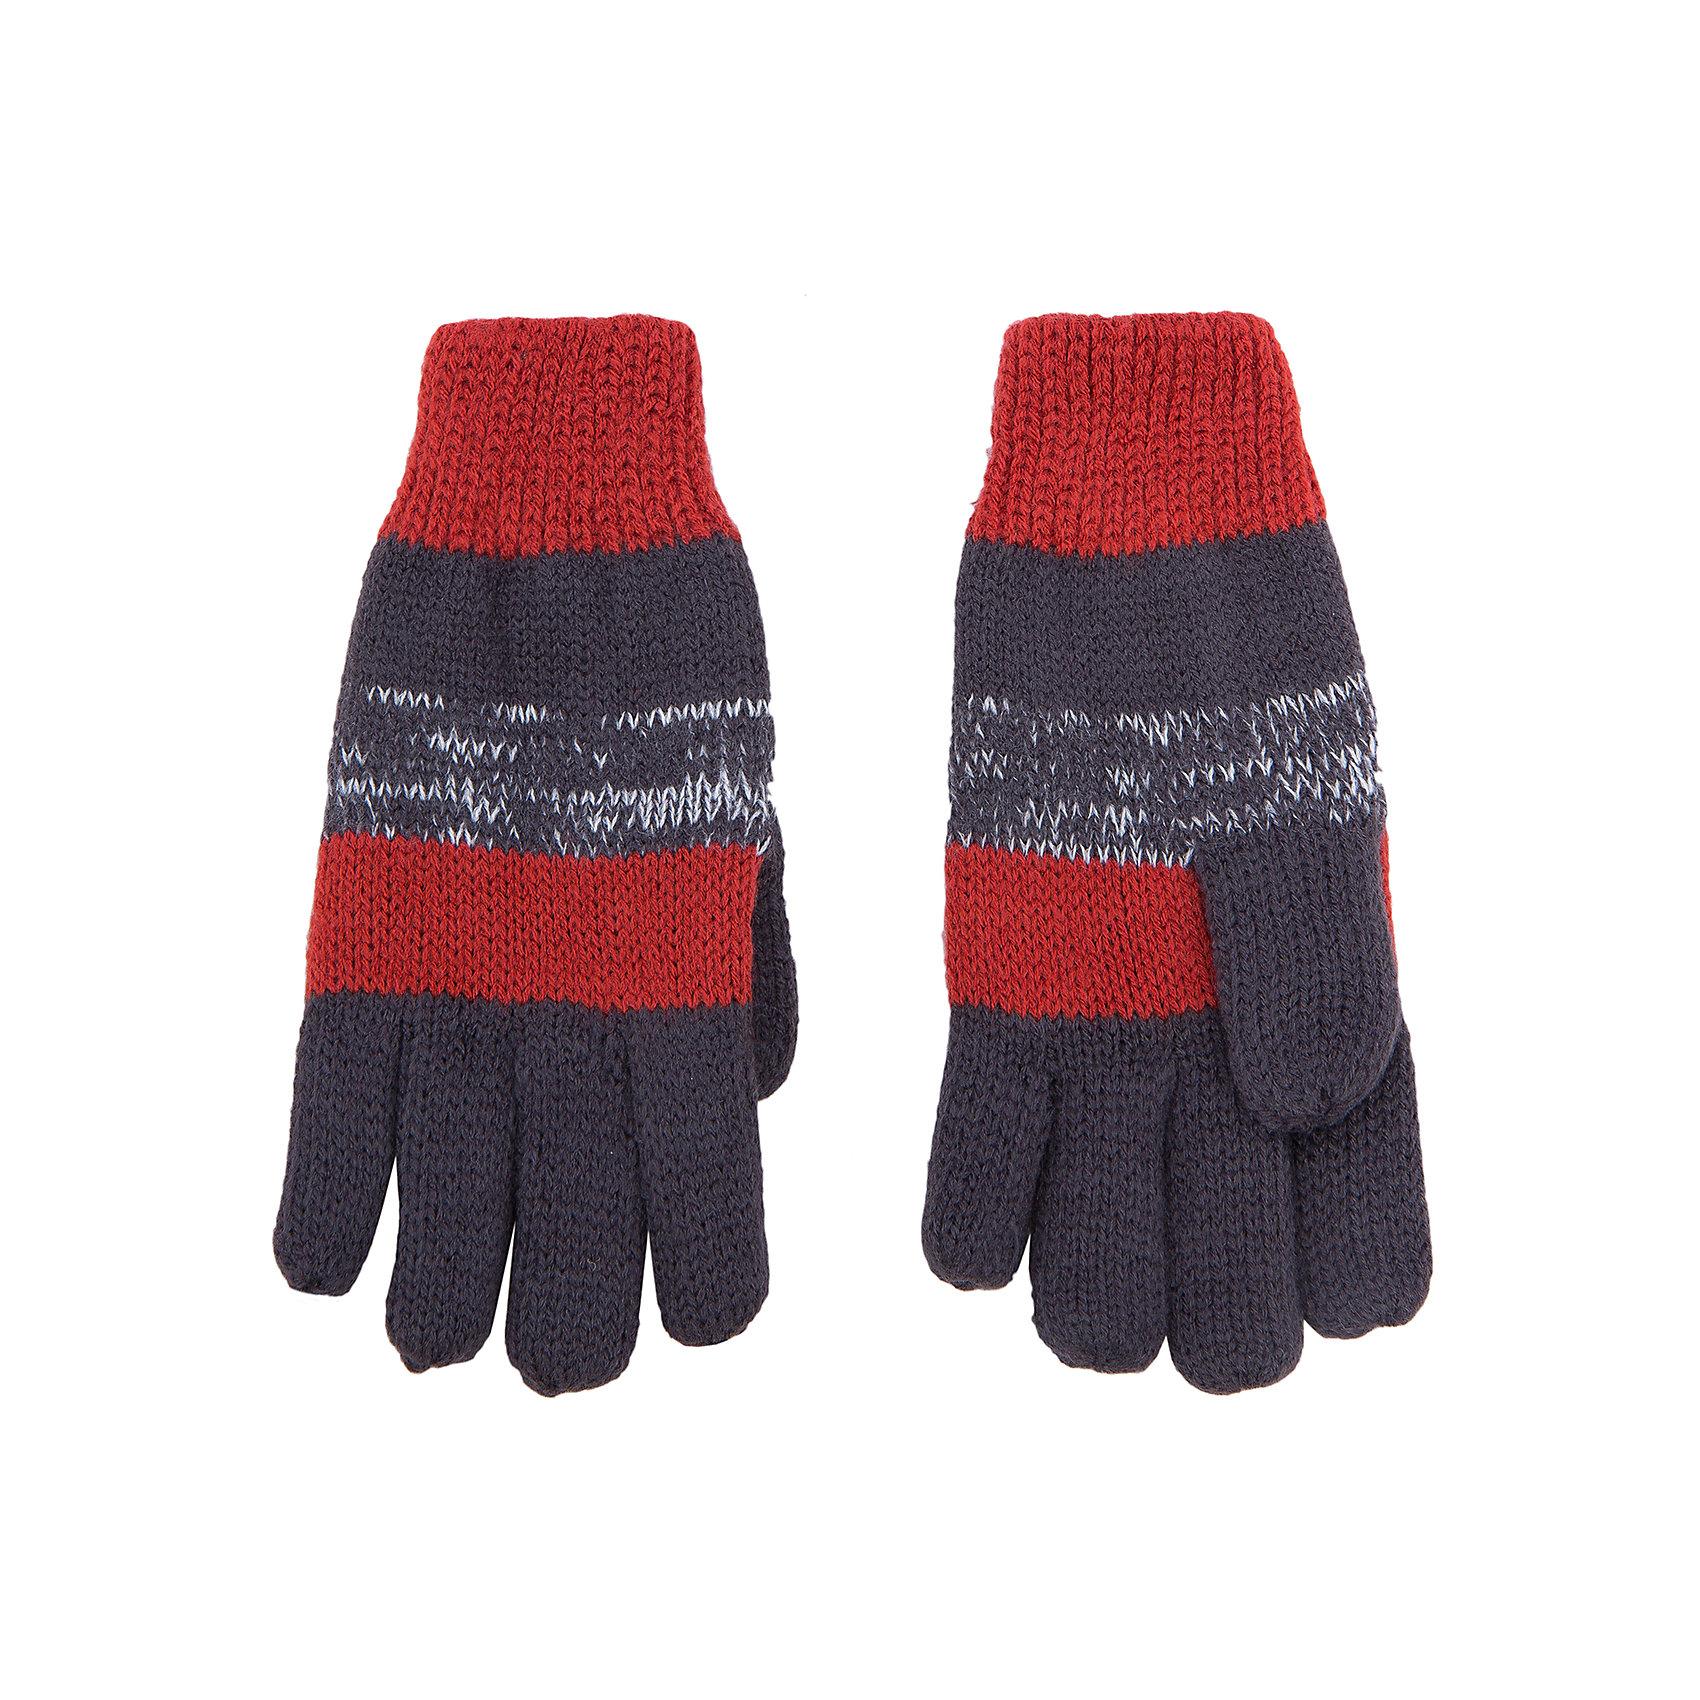 Перчатки для мальчика SELAУдобные теплые перчатки - незаменимая вещь в прохладное время года. Эта модель отлично сидит на ребенке, она сделана из плотного материала, позволяет гулять с комфортом на свежем воздухе зимой. Качественная пряжа не вызывает аллергии и обеспечивает ребенку комфорт. Модель будет уместна в различных сочетаниях.<br>Одежда от бренда Sela (Села) - это качество по приемлемым ценам. Многие российские родители уже оценили преимущества продукции этой компании и всё чаще приобретают одежду и аксессуары Sela.<br><br>Дополнительная информация:<br><br>цвет: разноцветный;<br>материал: 100% акрил; подкладка -100% ПЭ;<br>вязаный узор.<br><br>Перчатки для мальчика от бренда Sela можно купить в нашем интернет-магазине.<br><br>Ширина мм: 162<br>Глубина мм: 171<br>Высота мм: 55<br>Вес г: 119<br>Цвет: красный<br>Возраст от месяцев: 0<br>Возраст до месяцев: 3<br>Пол: Мужской<br>Возраст: Детский<br>Размер: 16<br>SKU: 5020153